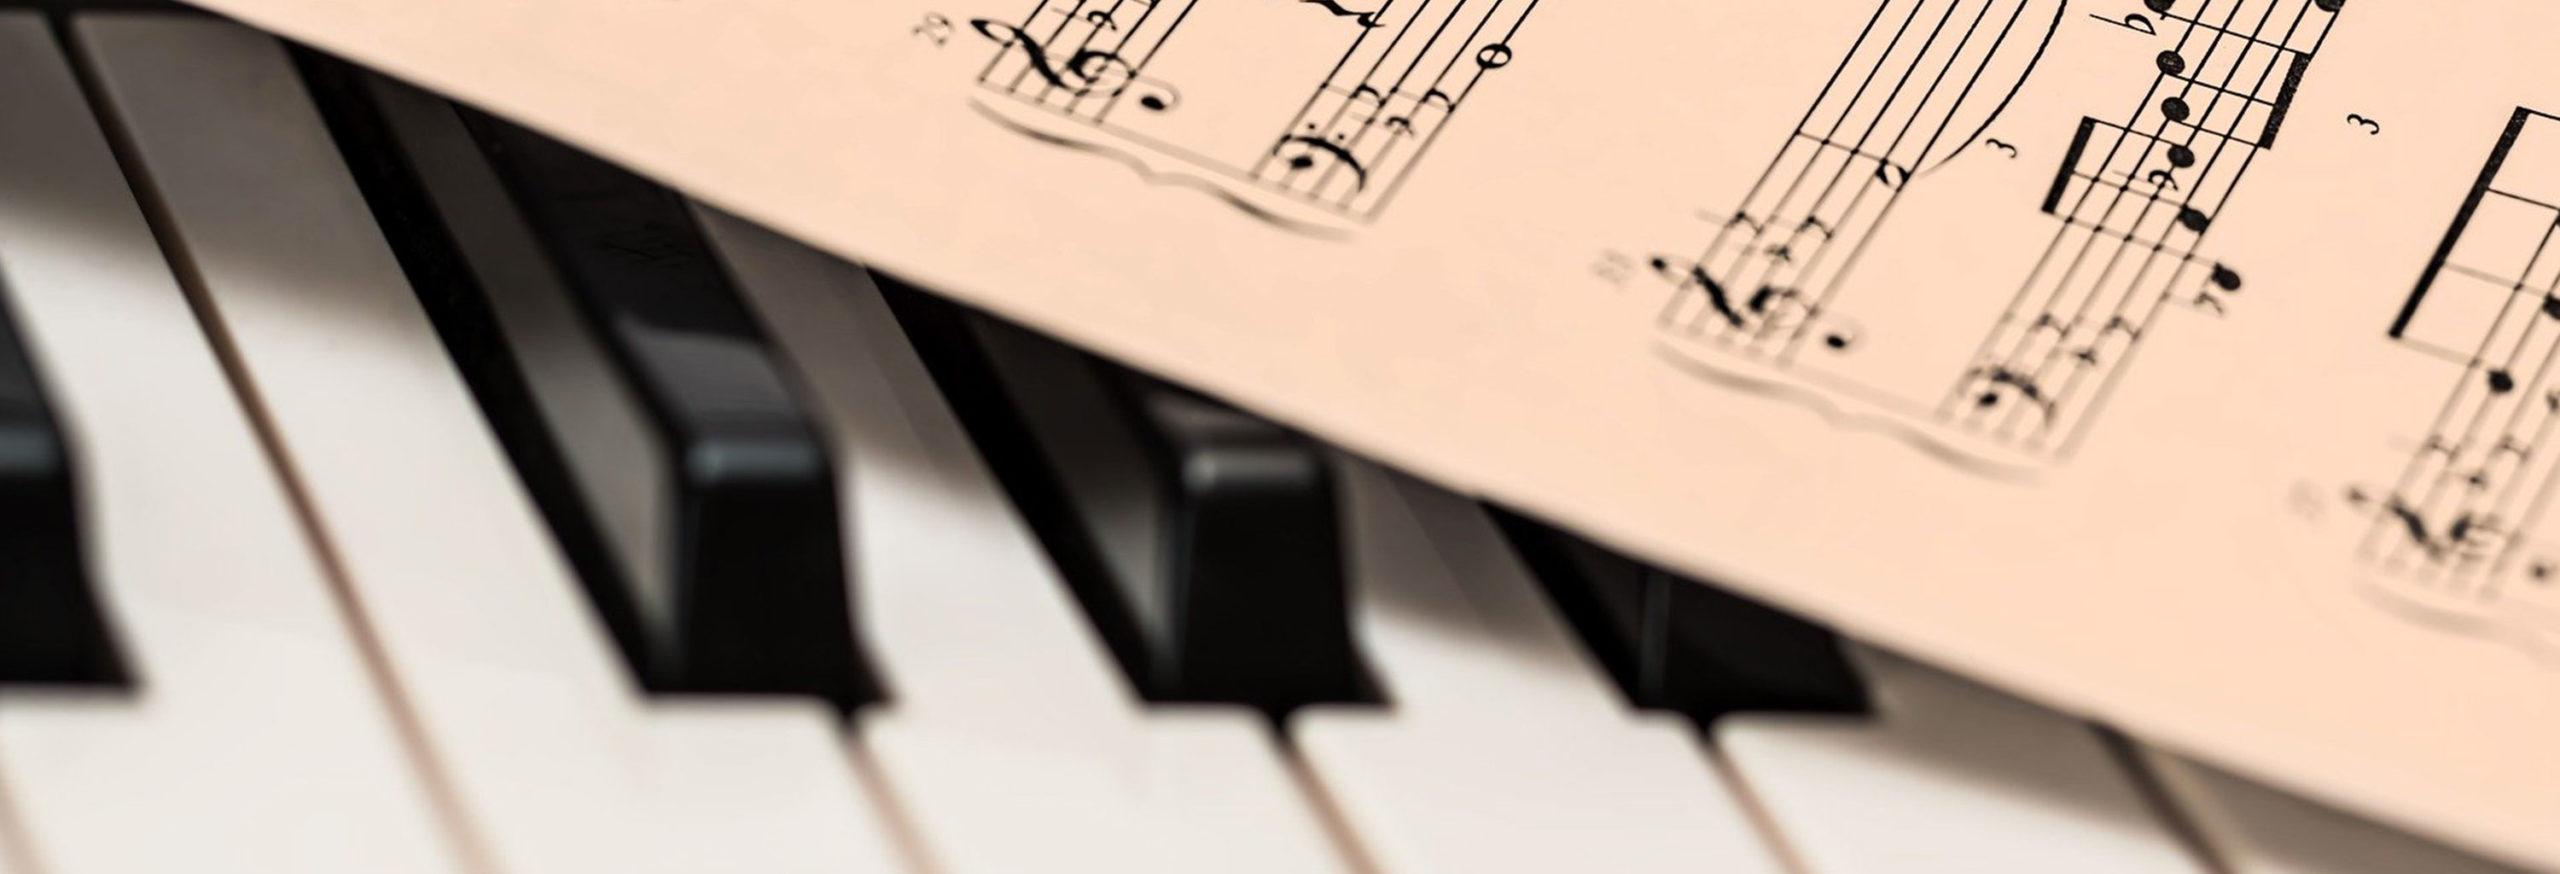 accompagnamento musicale per funerale bologna